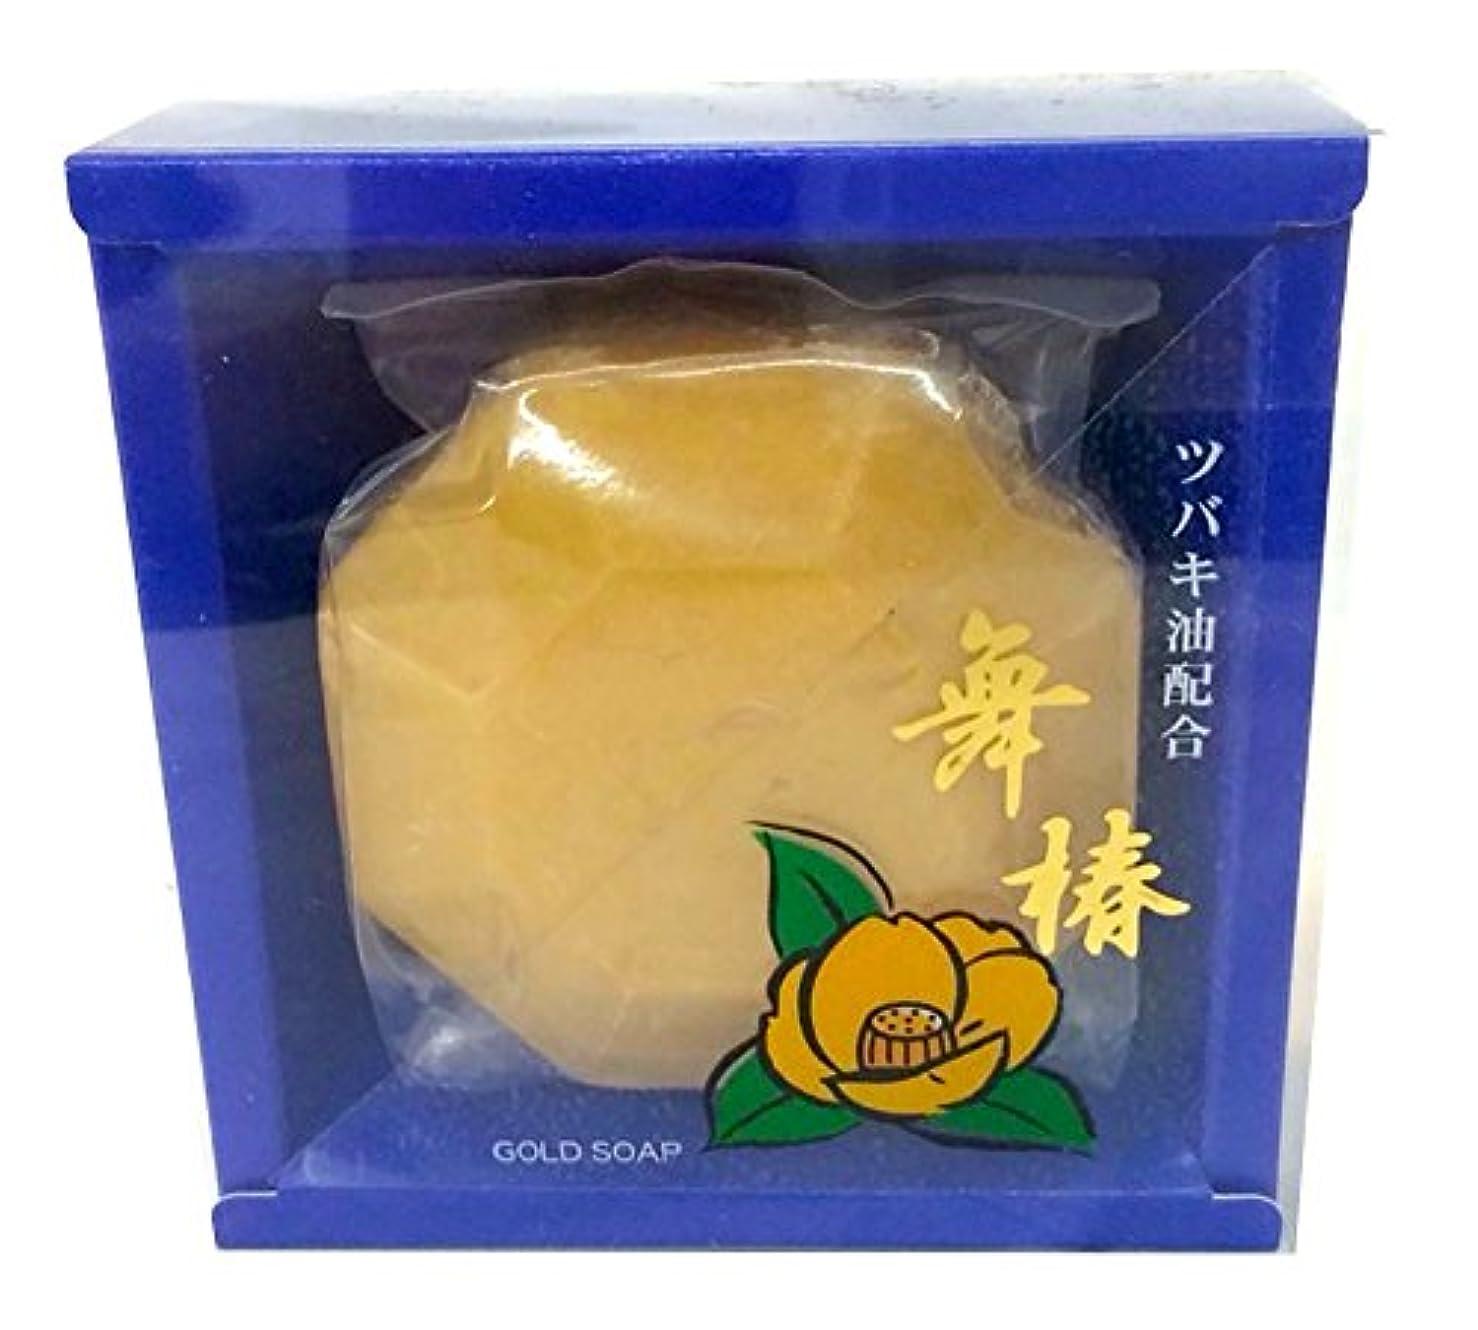 引き金やけどキャプテン舞椿ゴールドソープ (ツバキオイル配合)110g